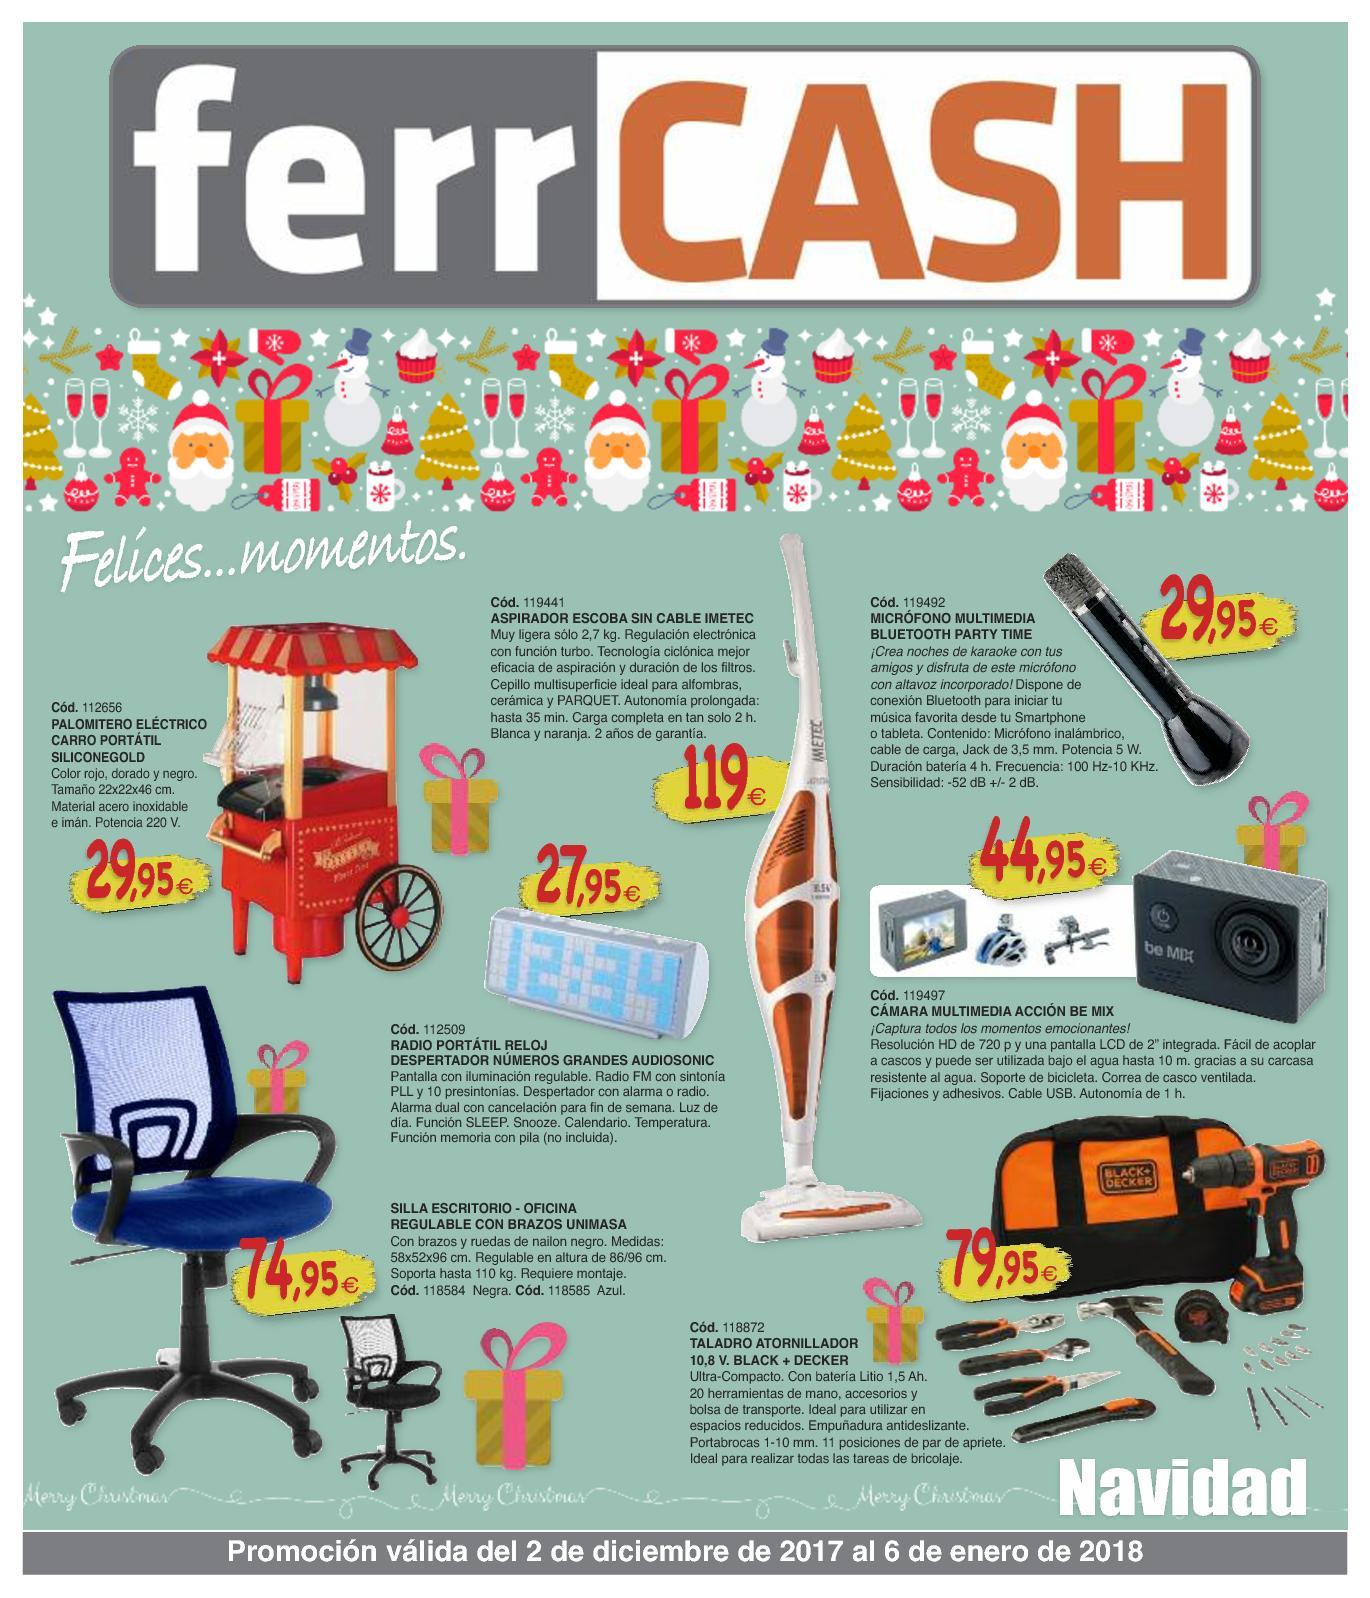 a8214ba330a Calaméo - Folleto Ferr Cash Invierno 2017